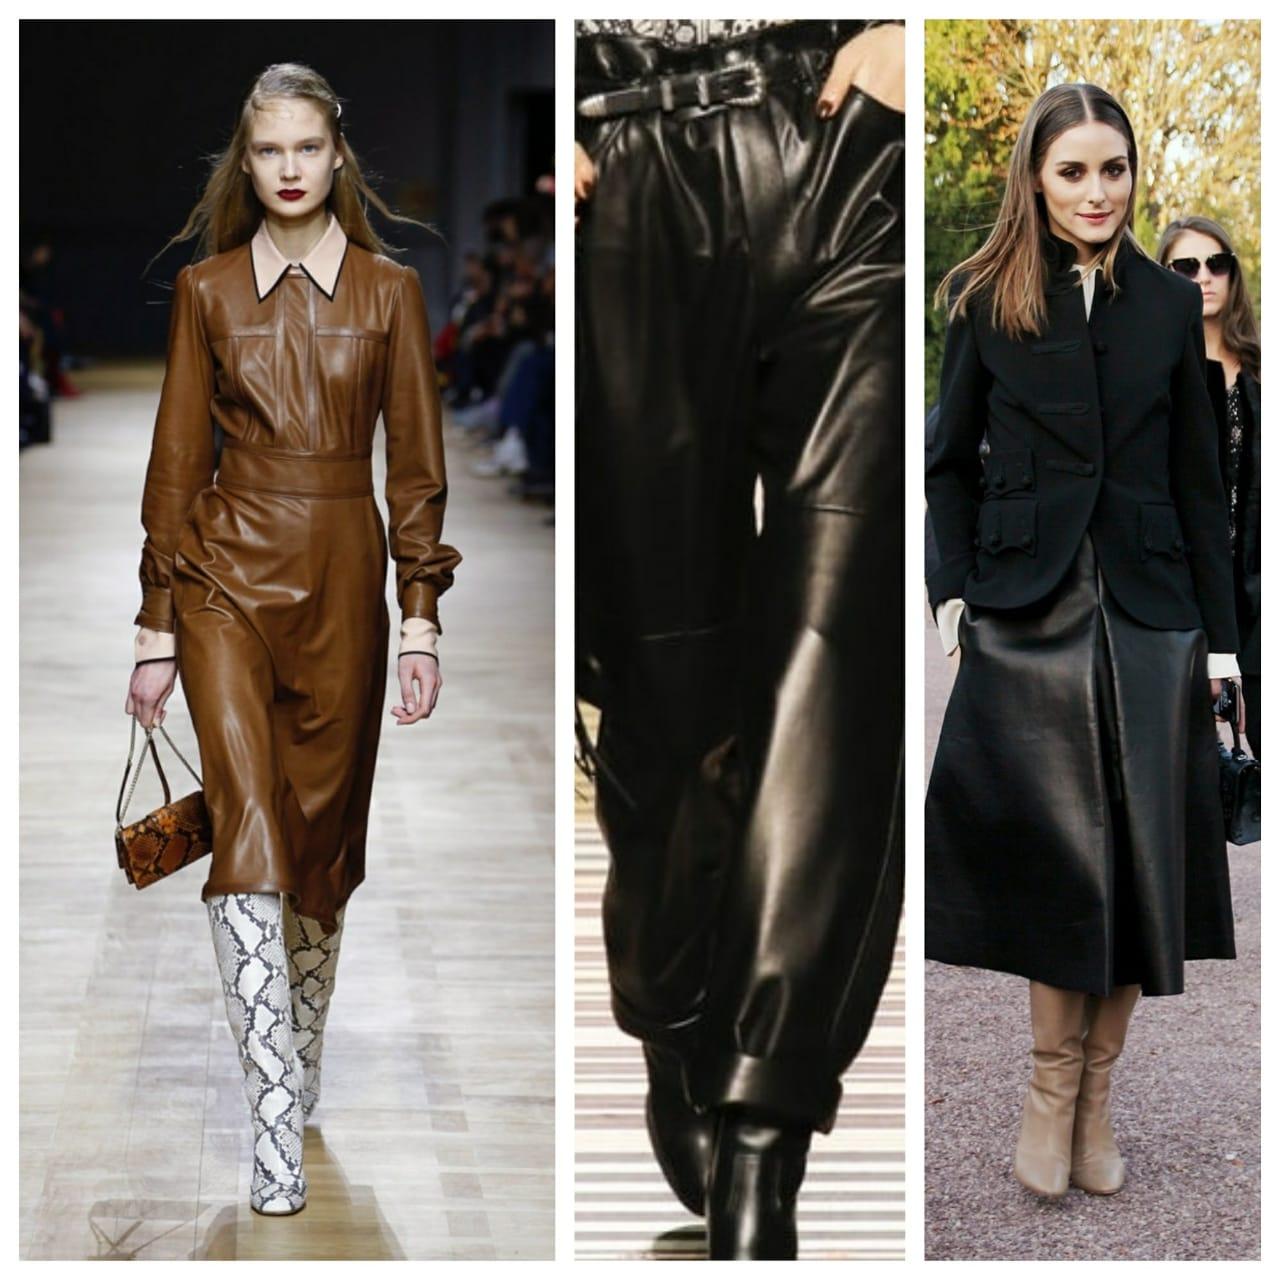 Кожаные платья и юбки 2018